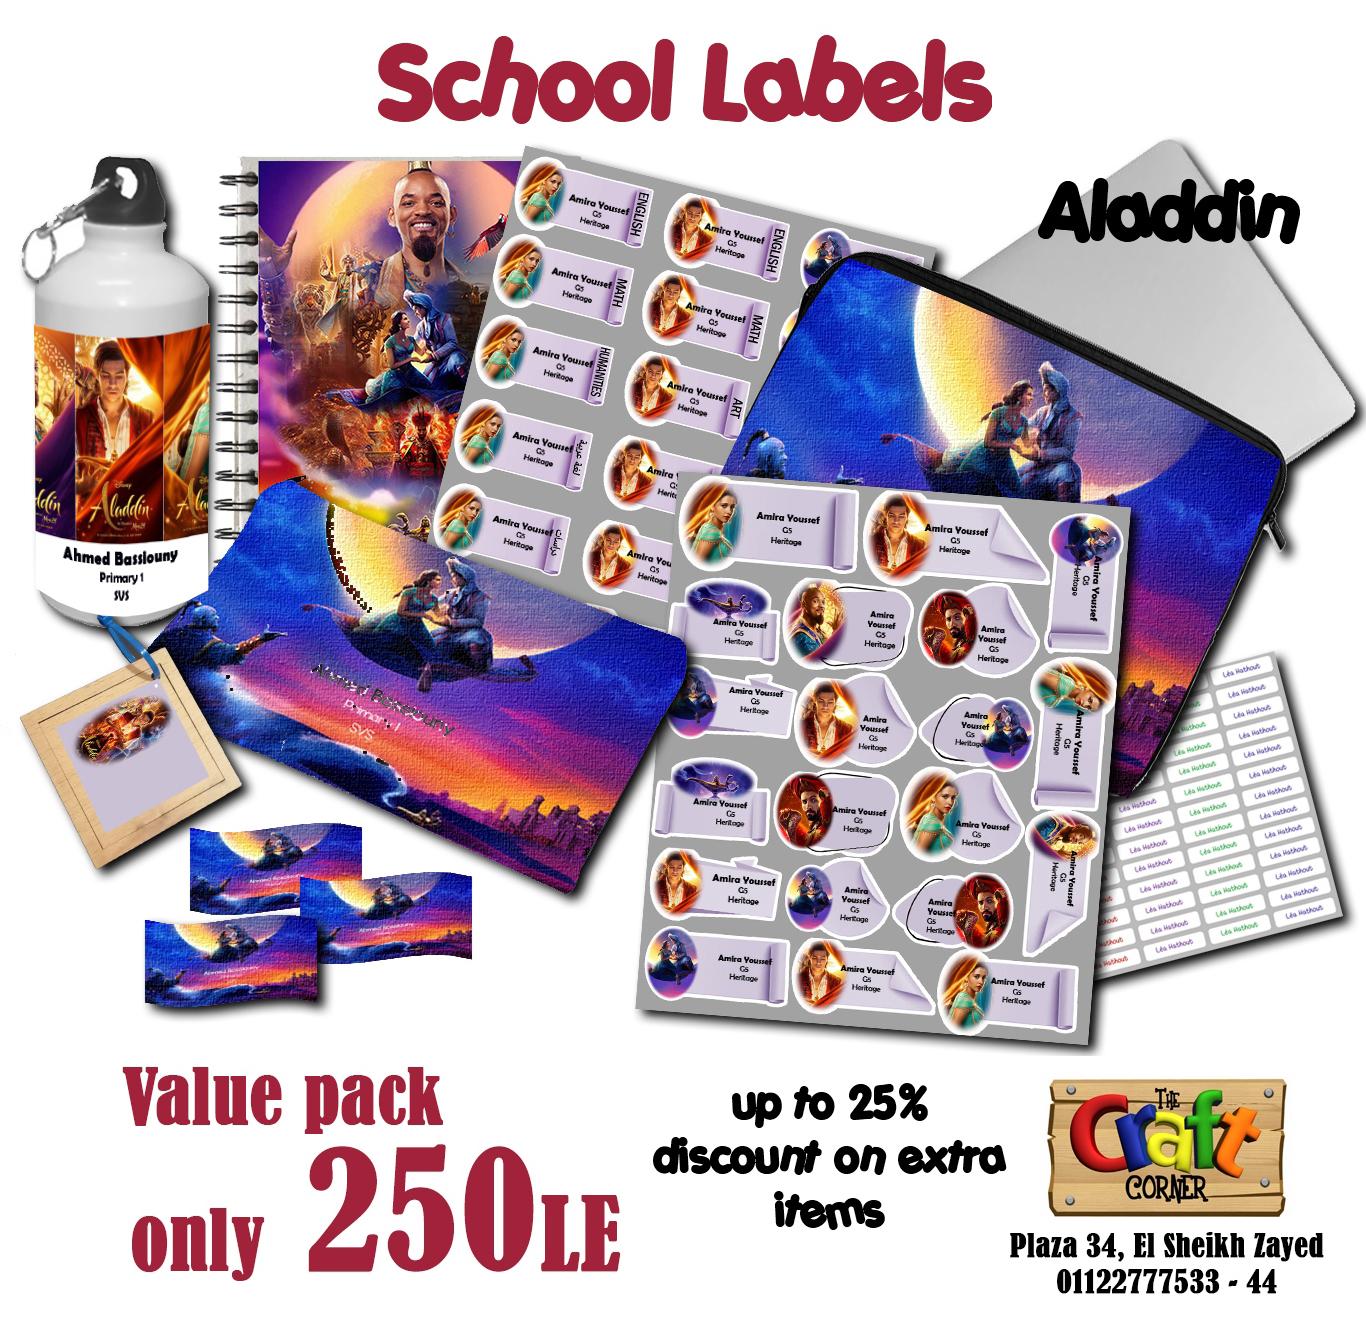 Aladdin ad small